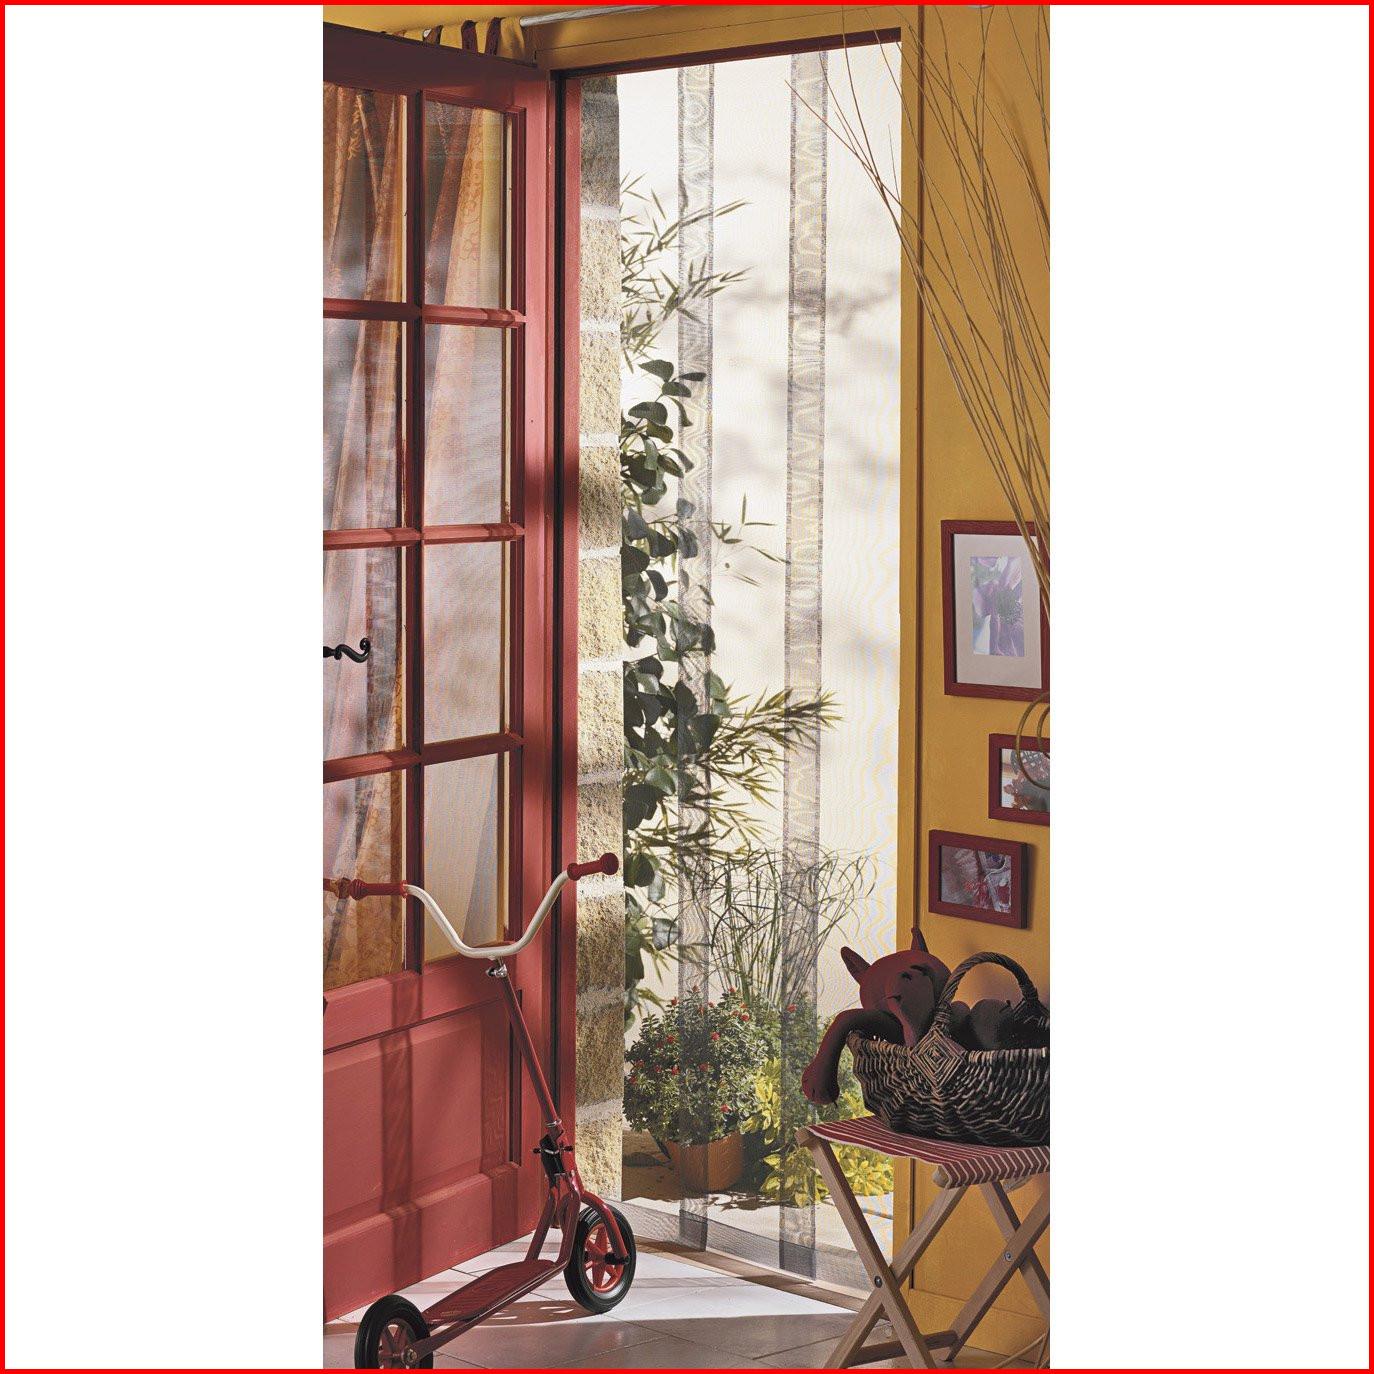 rideau de porte exterieur rideaux leroy merlin brillant rideau de porte exterieur rideaux leroy merlin 5 moustiquaire of